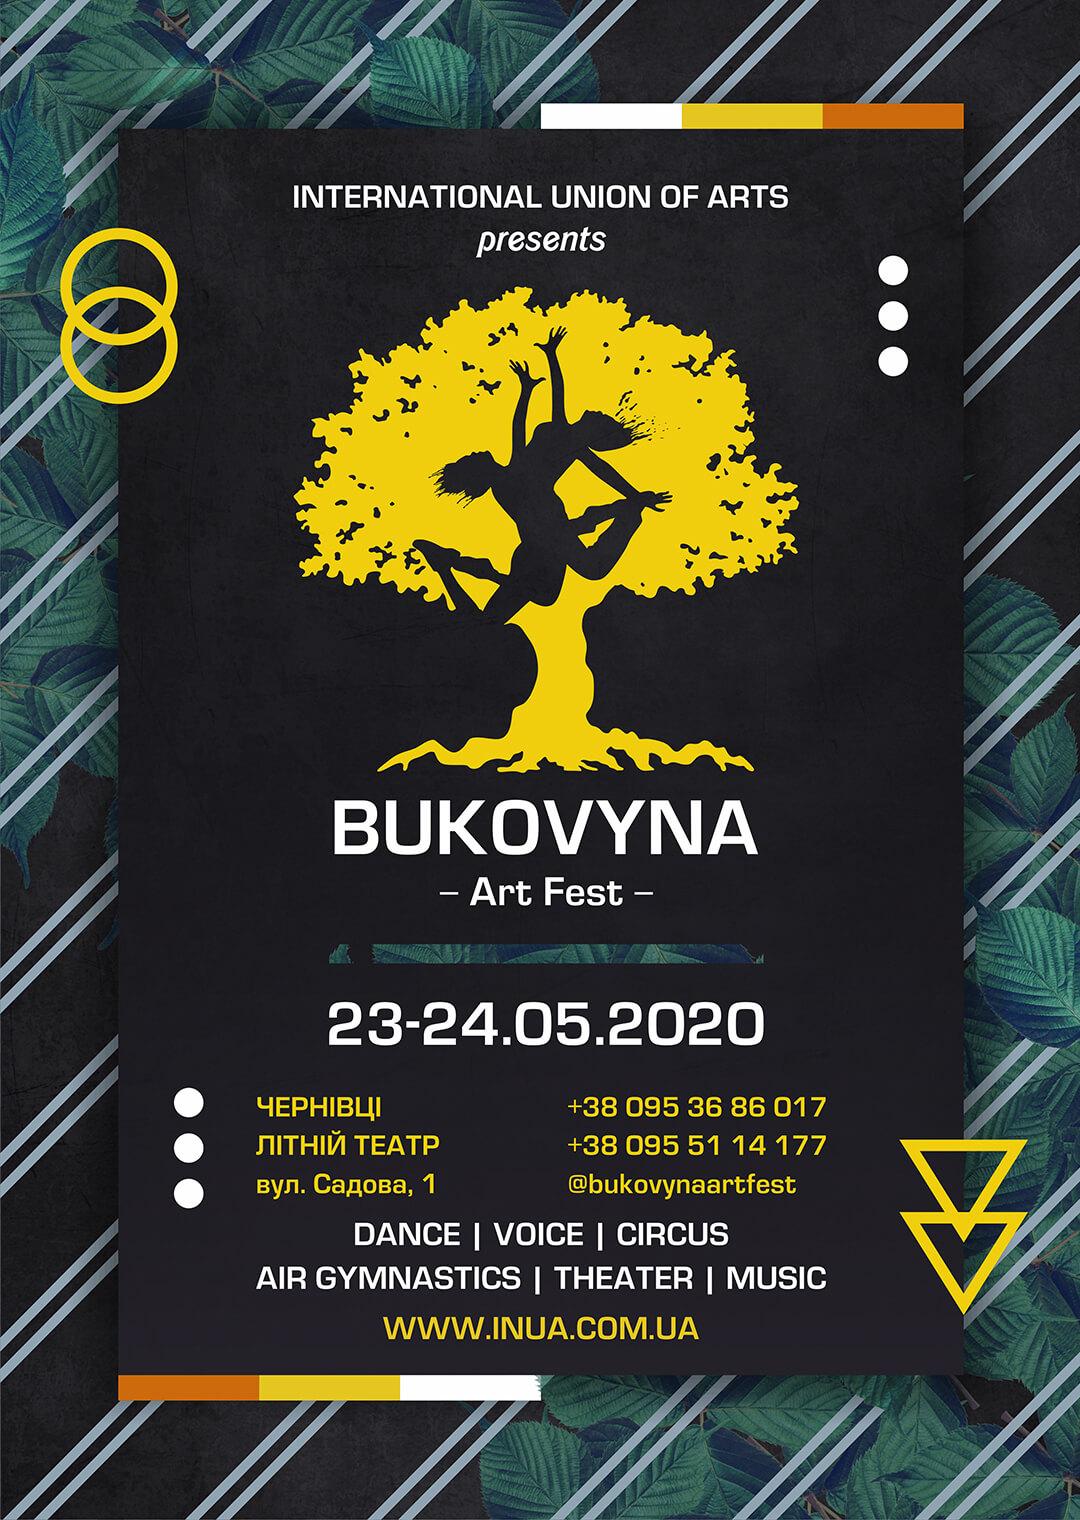 Bukovyna Art Fest_2020